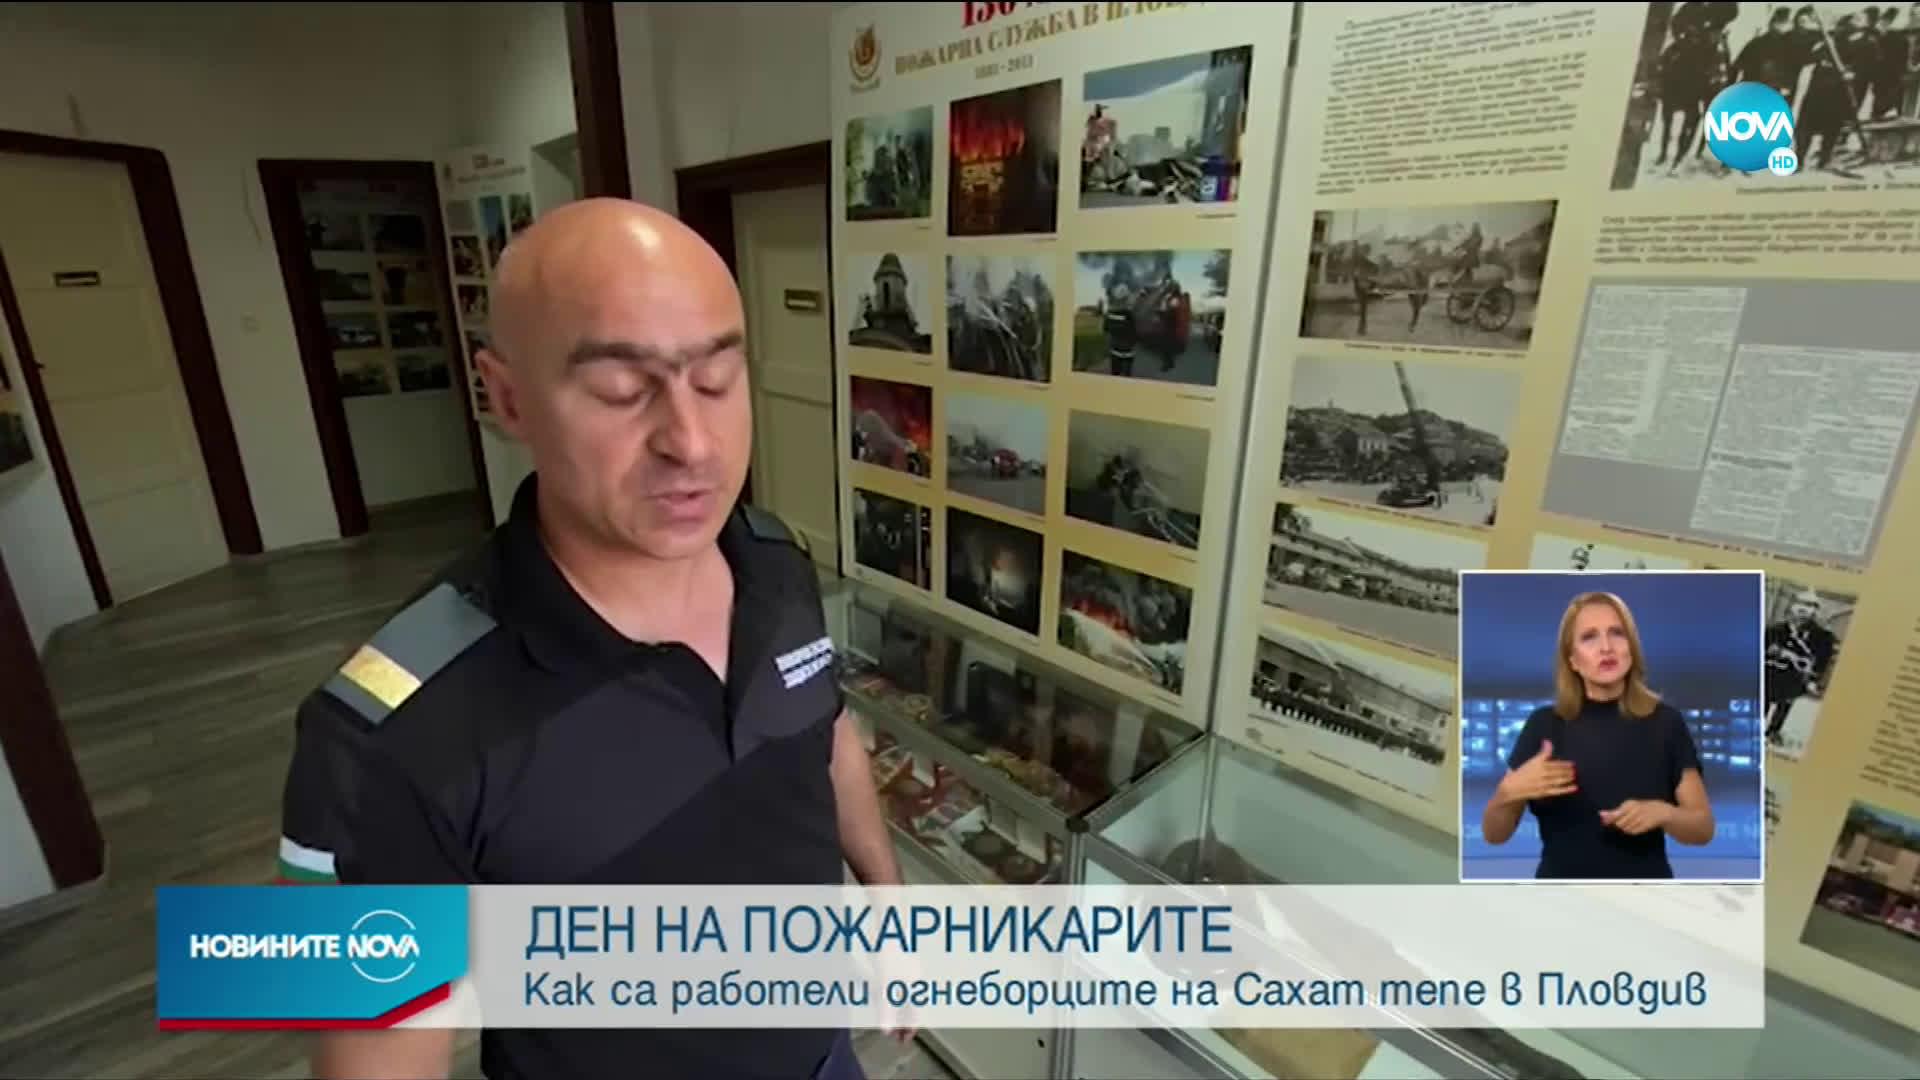 ДЕН НА ПОЖАРНИКАРИТЕ: Как са работили огнеборците на Сахат тепе в Пловдив